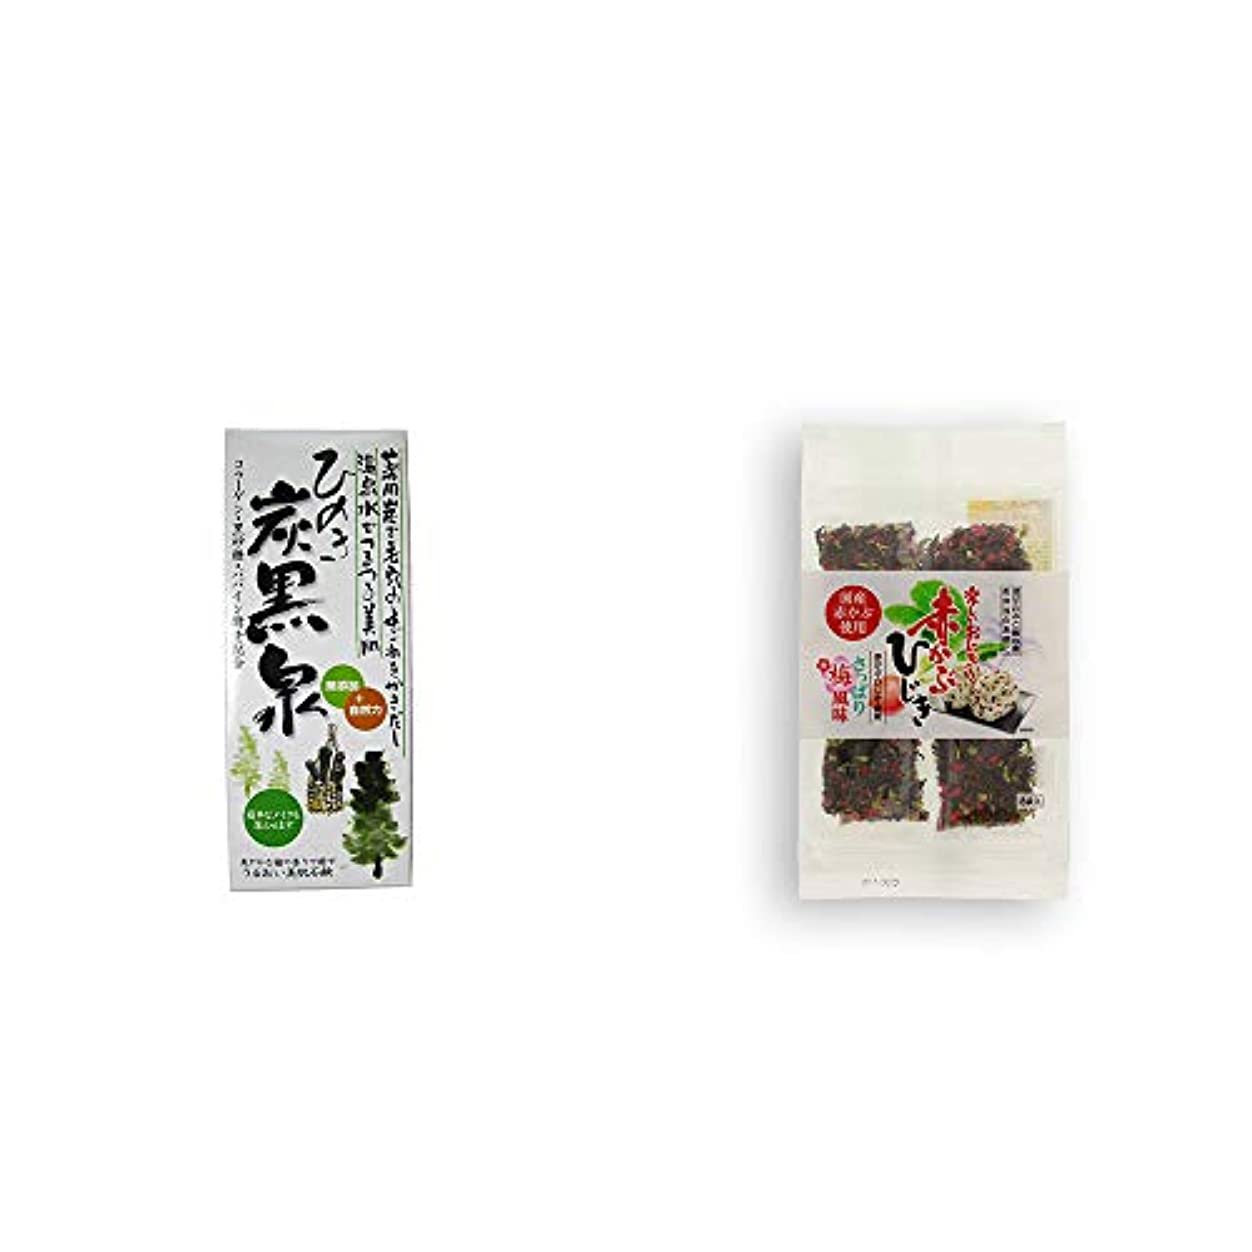 スキムガレージ彼らのもの[2点セット] ひのき炭黒泉 箱入り(75g×3)?楽しいおにぎり 赤かぶひじき(8g×8袋)